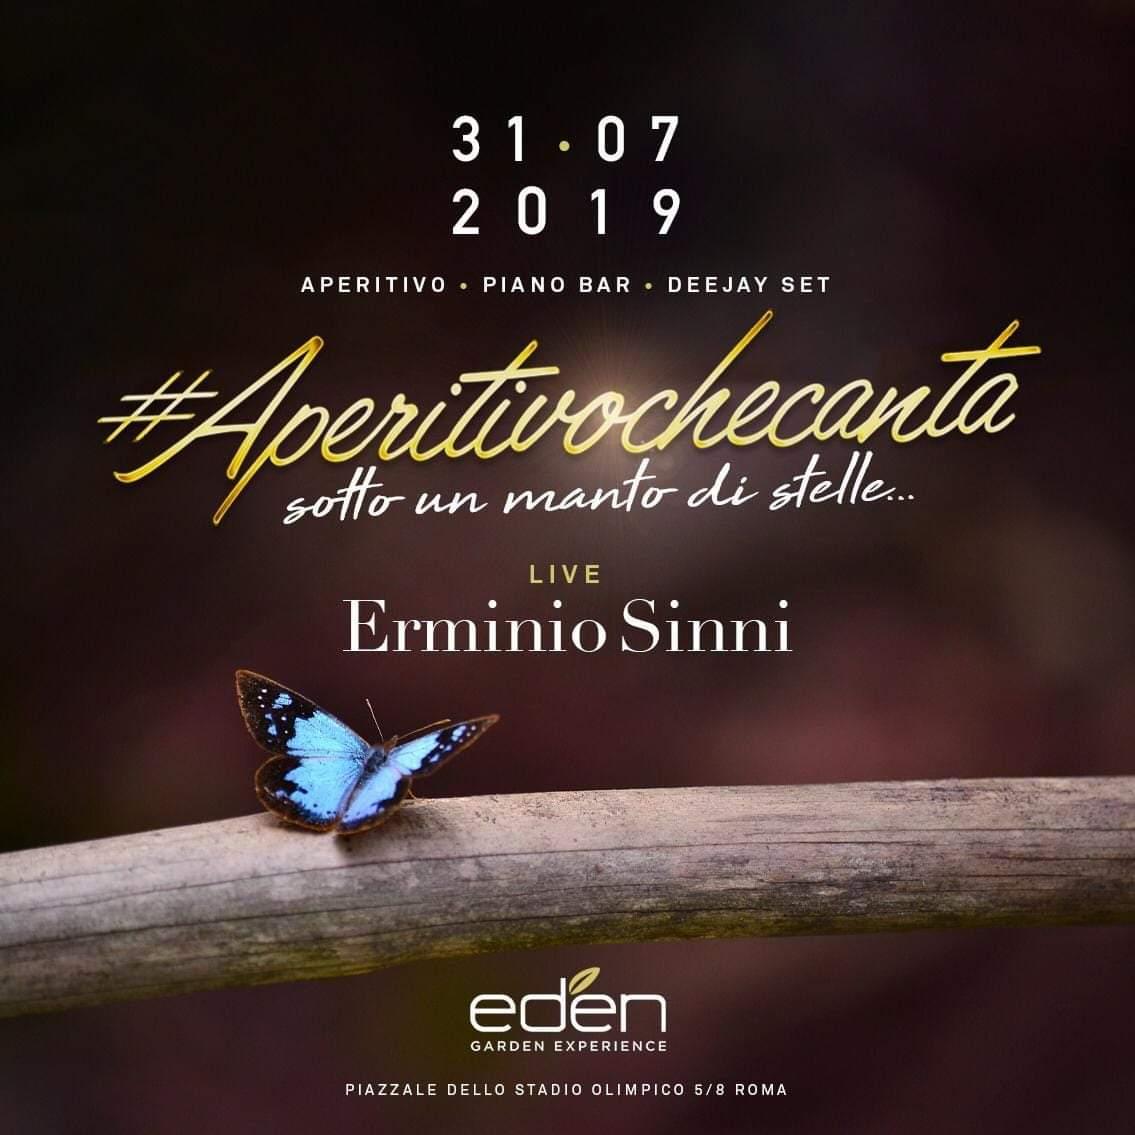 EDEN Aperitivo mercoledì 31 luglio 2019 Il bosco di Roma nord